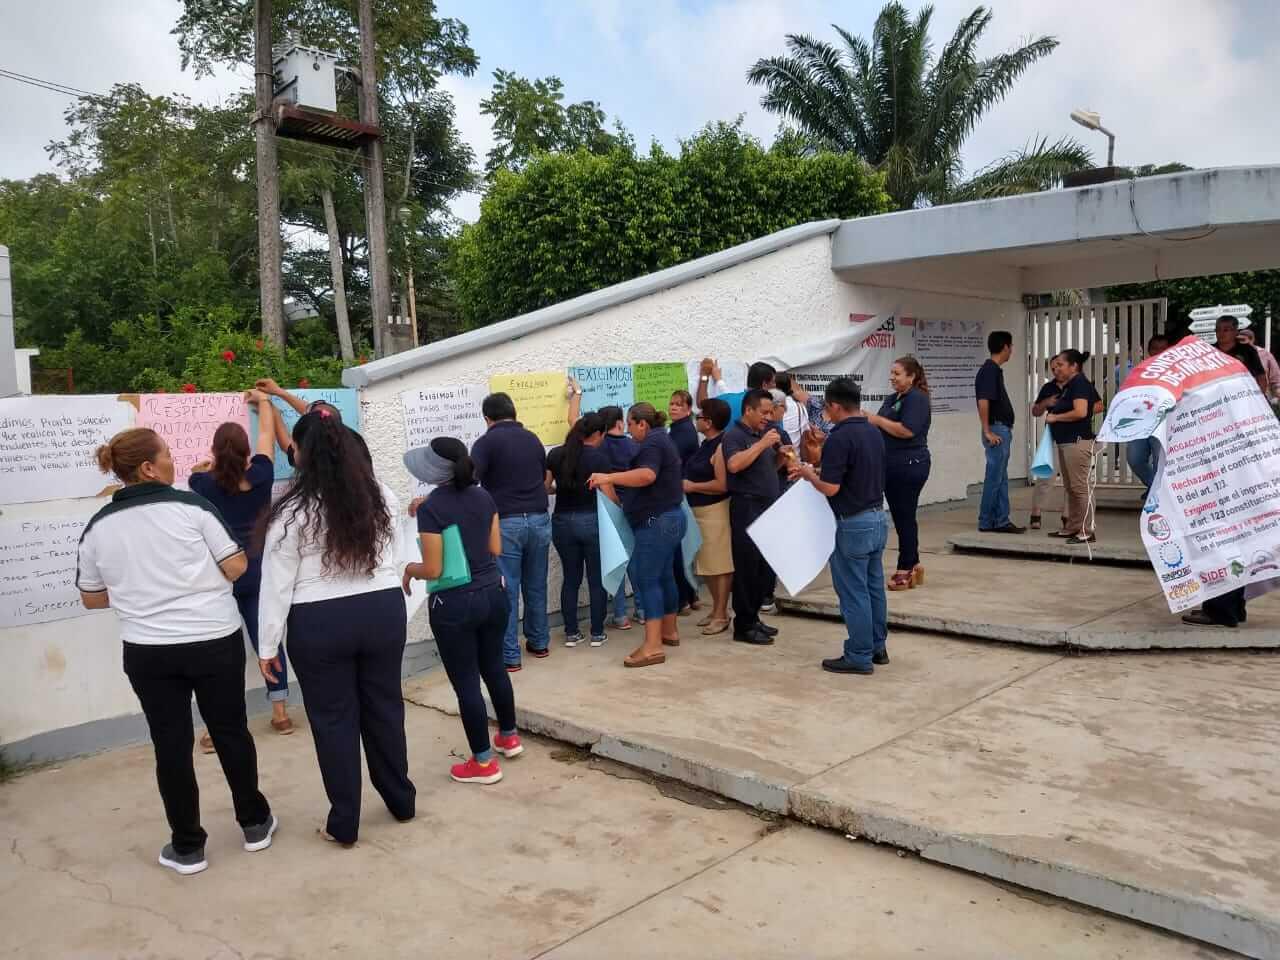 Docentes y administrativos de los 31 planteles pertenecientes al Colegio de Estudios Científicos y Tecnológicos del Estado de Veracruz (CECyTEV) se manifestaron este viernes a través de redes sociales, para dar a conocer el pliego petitorio de pagos pendientes que tiene la Secretaría de Educación de Veracruz (SEV) con dichos agremiados.